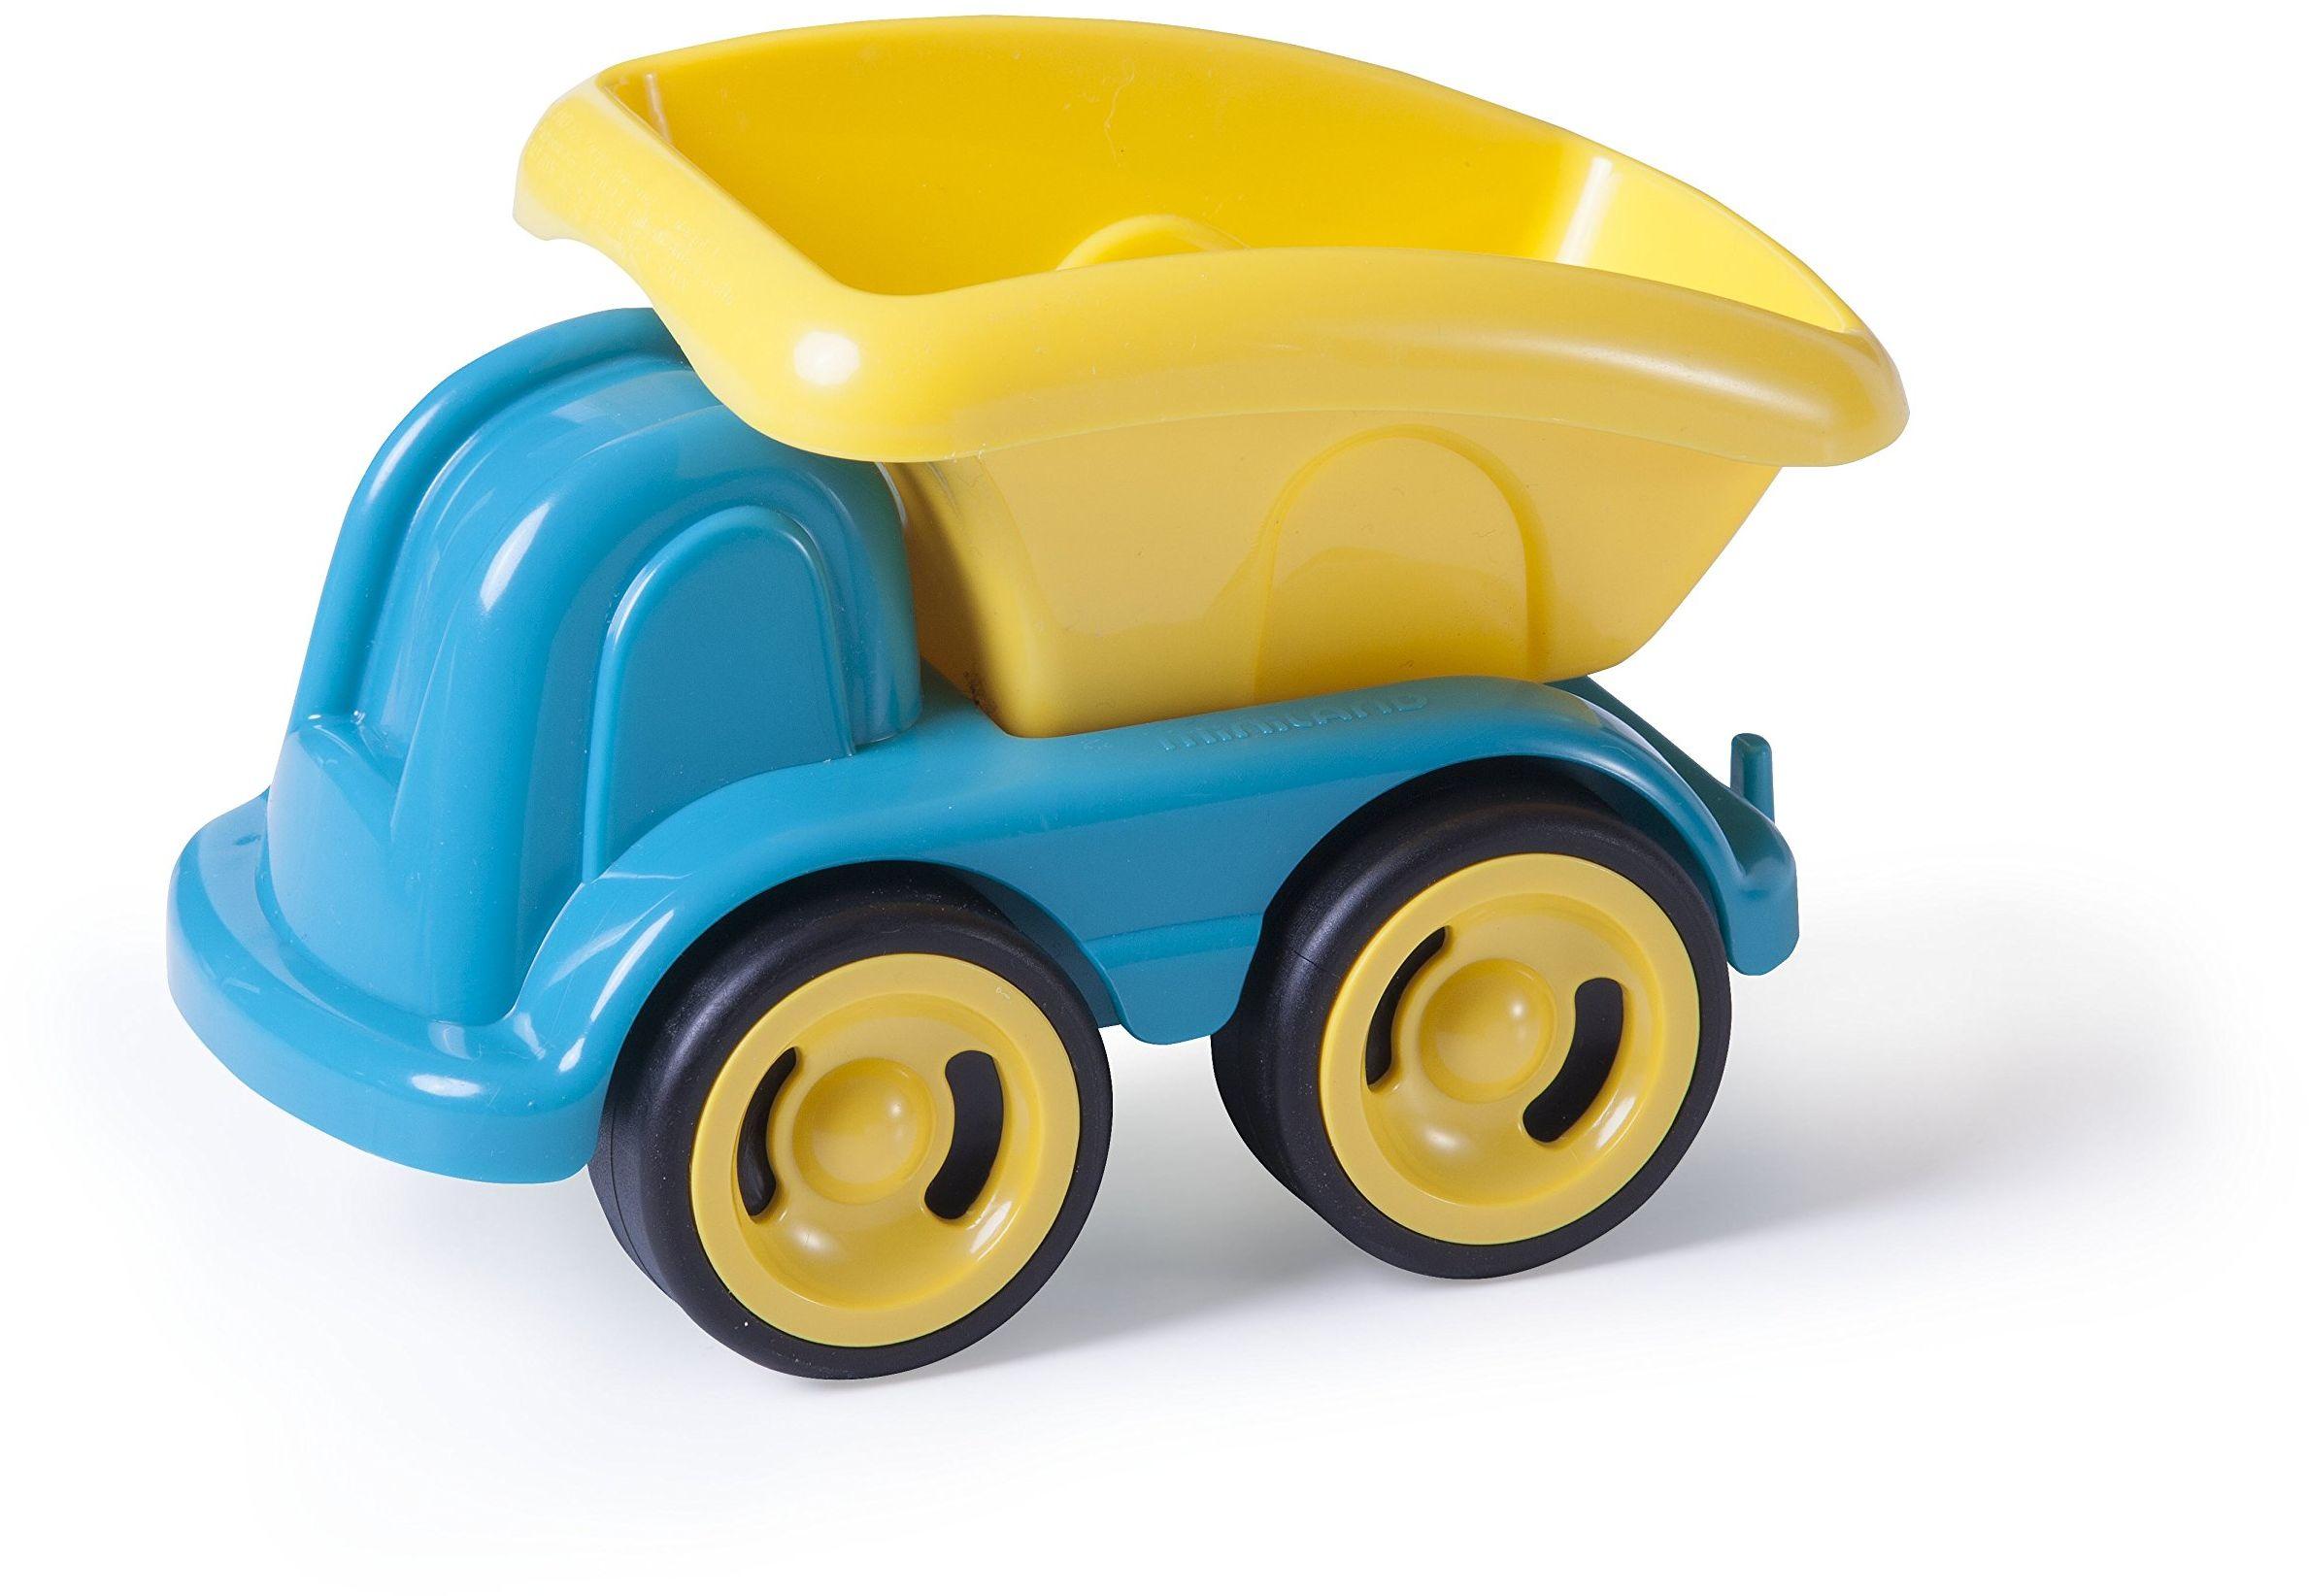 Miniland 45141 Minimobil wywrotka, wielokolorowa